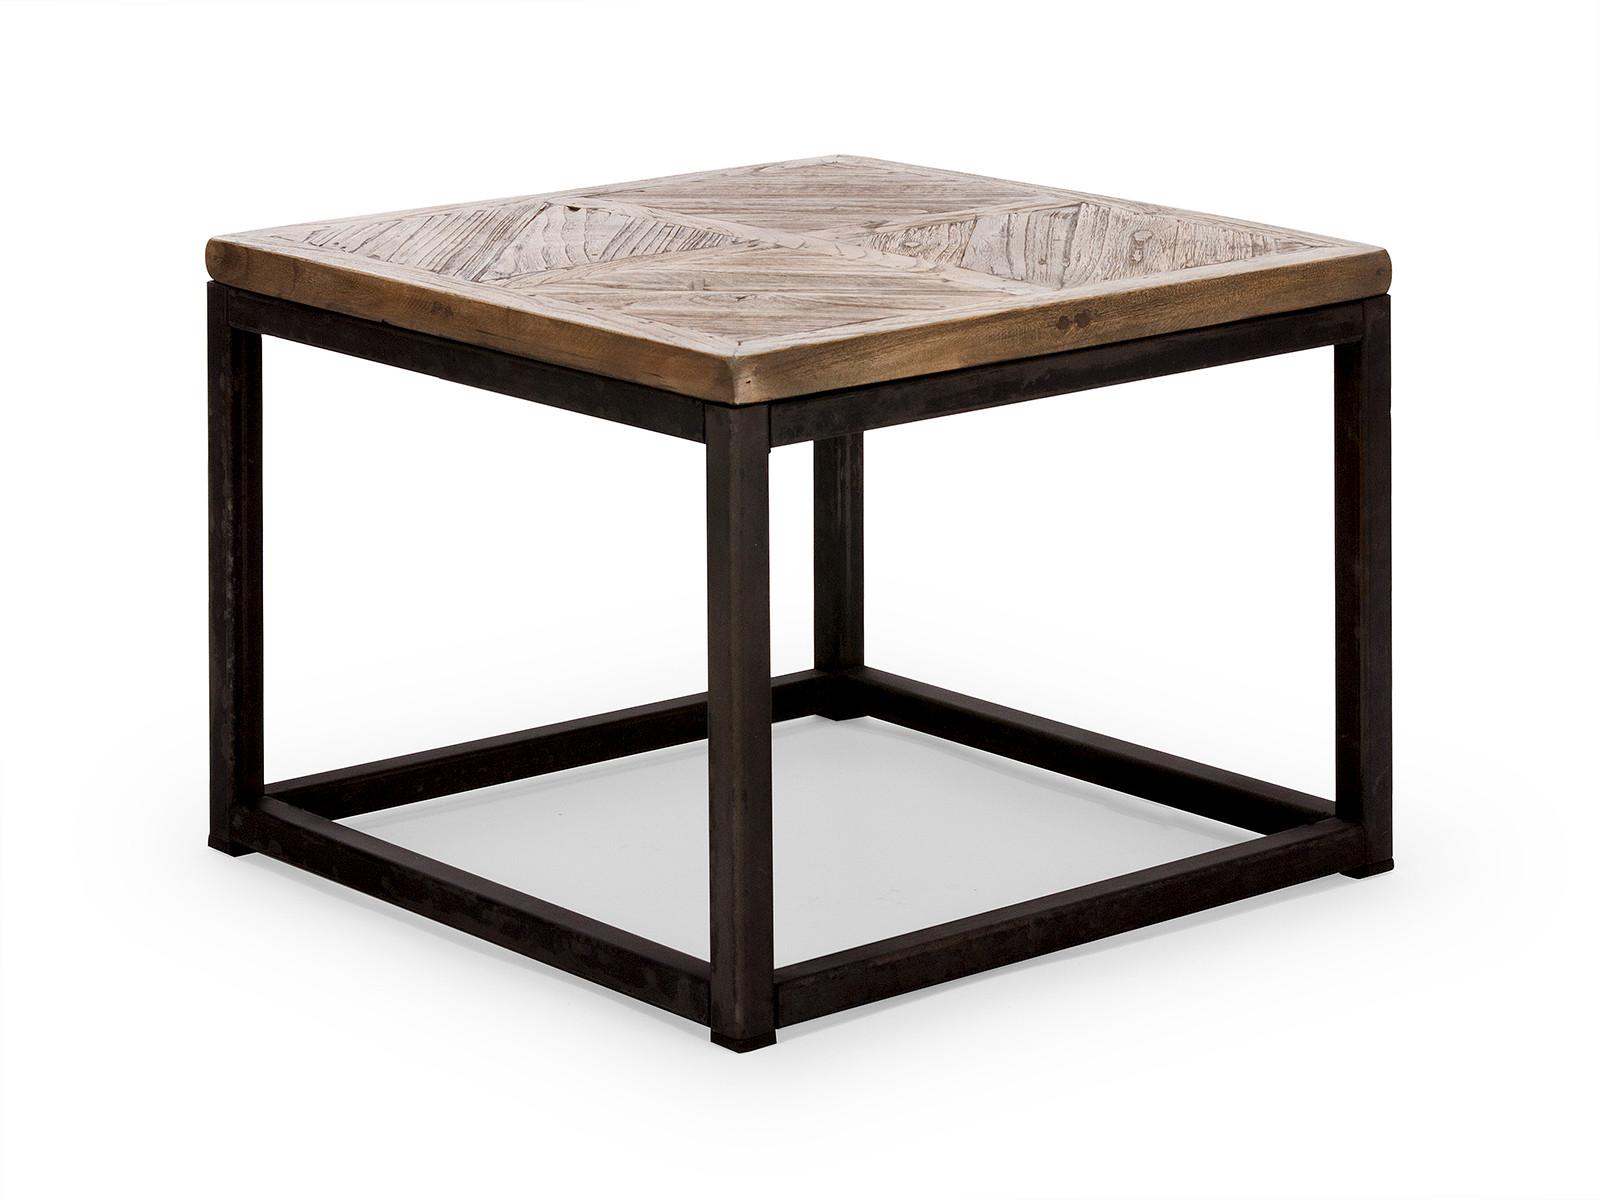 industrie design couchtisch aus massivholz versandkostenfreie m bel online. Black Bedroom Furniture Sets. Home Design Ideas